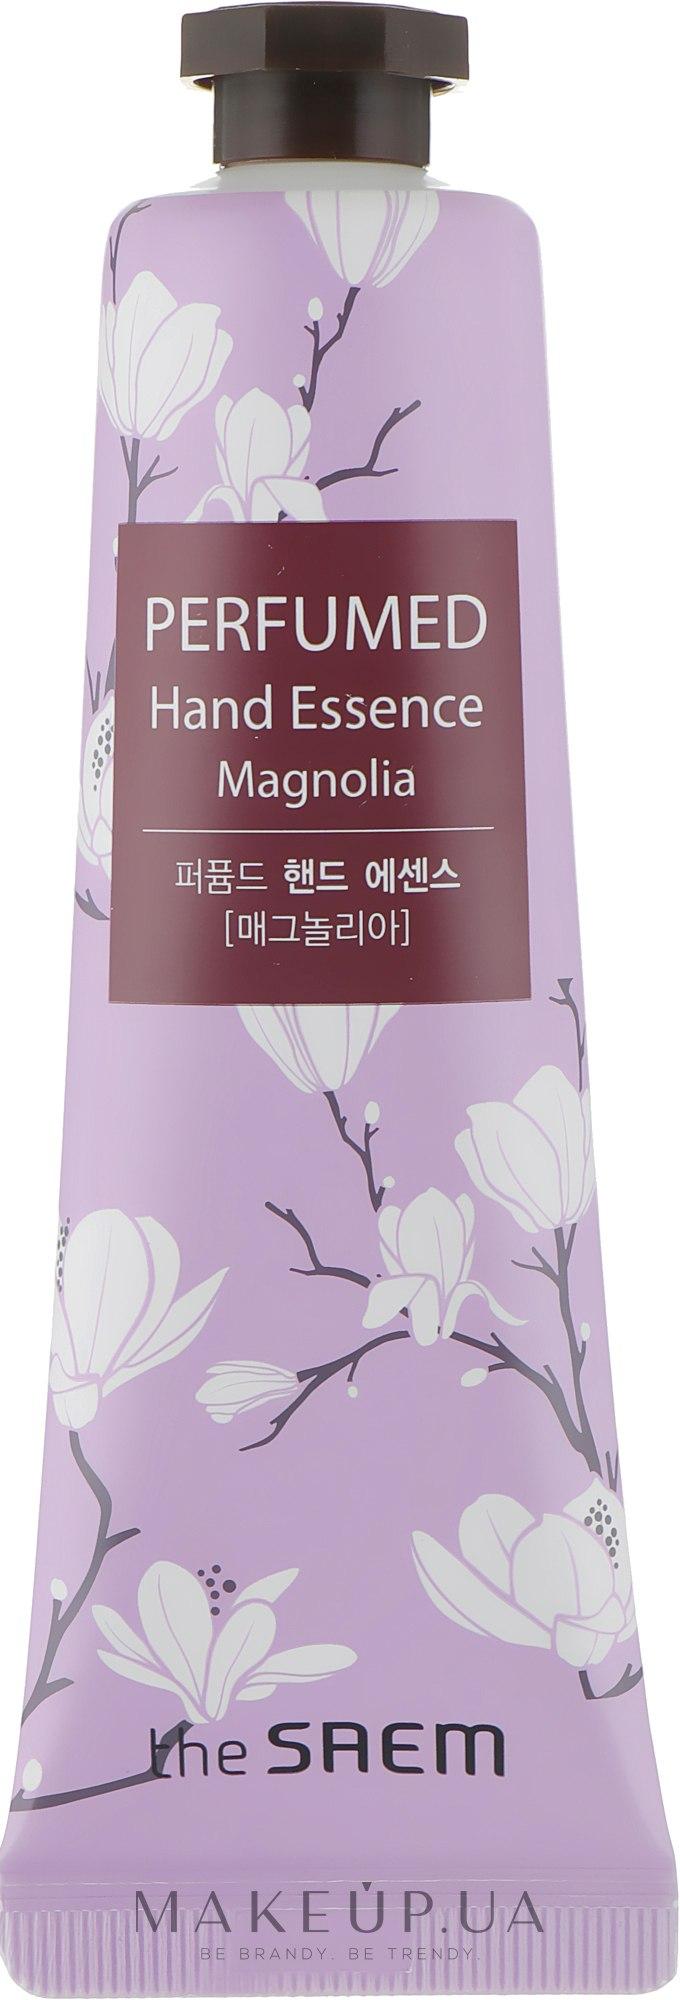 """Парфюмированная эссенция для рук """"Магнолия"""" - The Saem Perfumed Magnolia Hand Essence  — фото 30ml"""